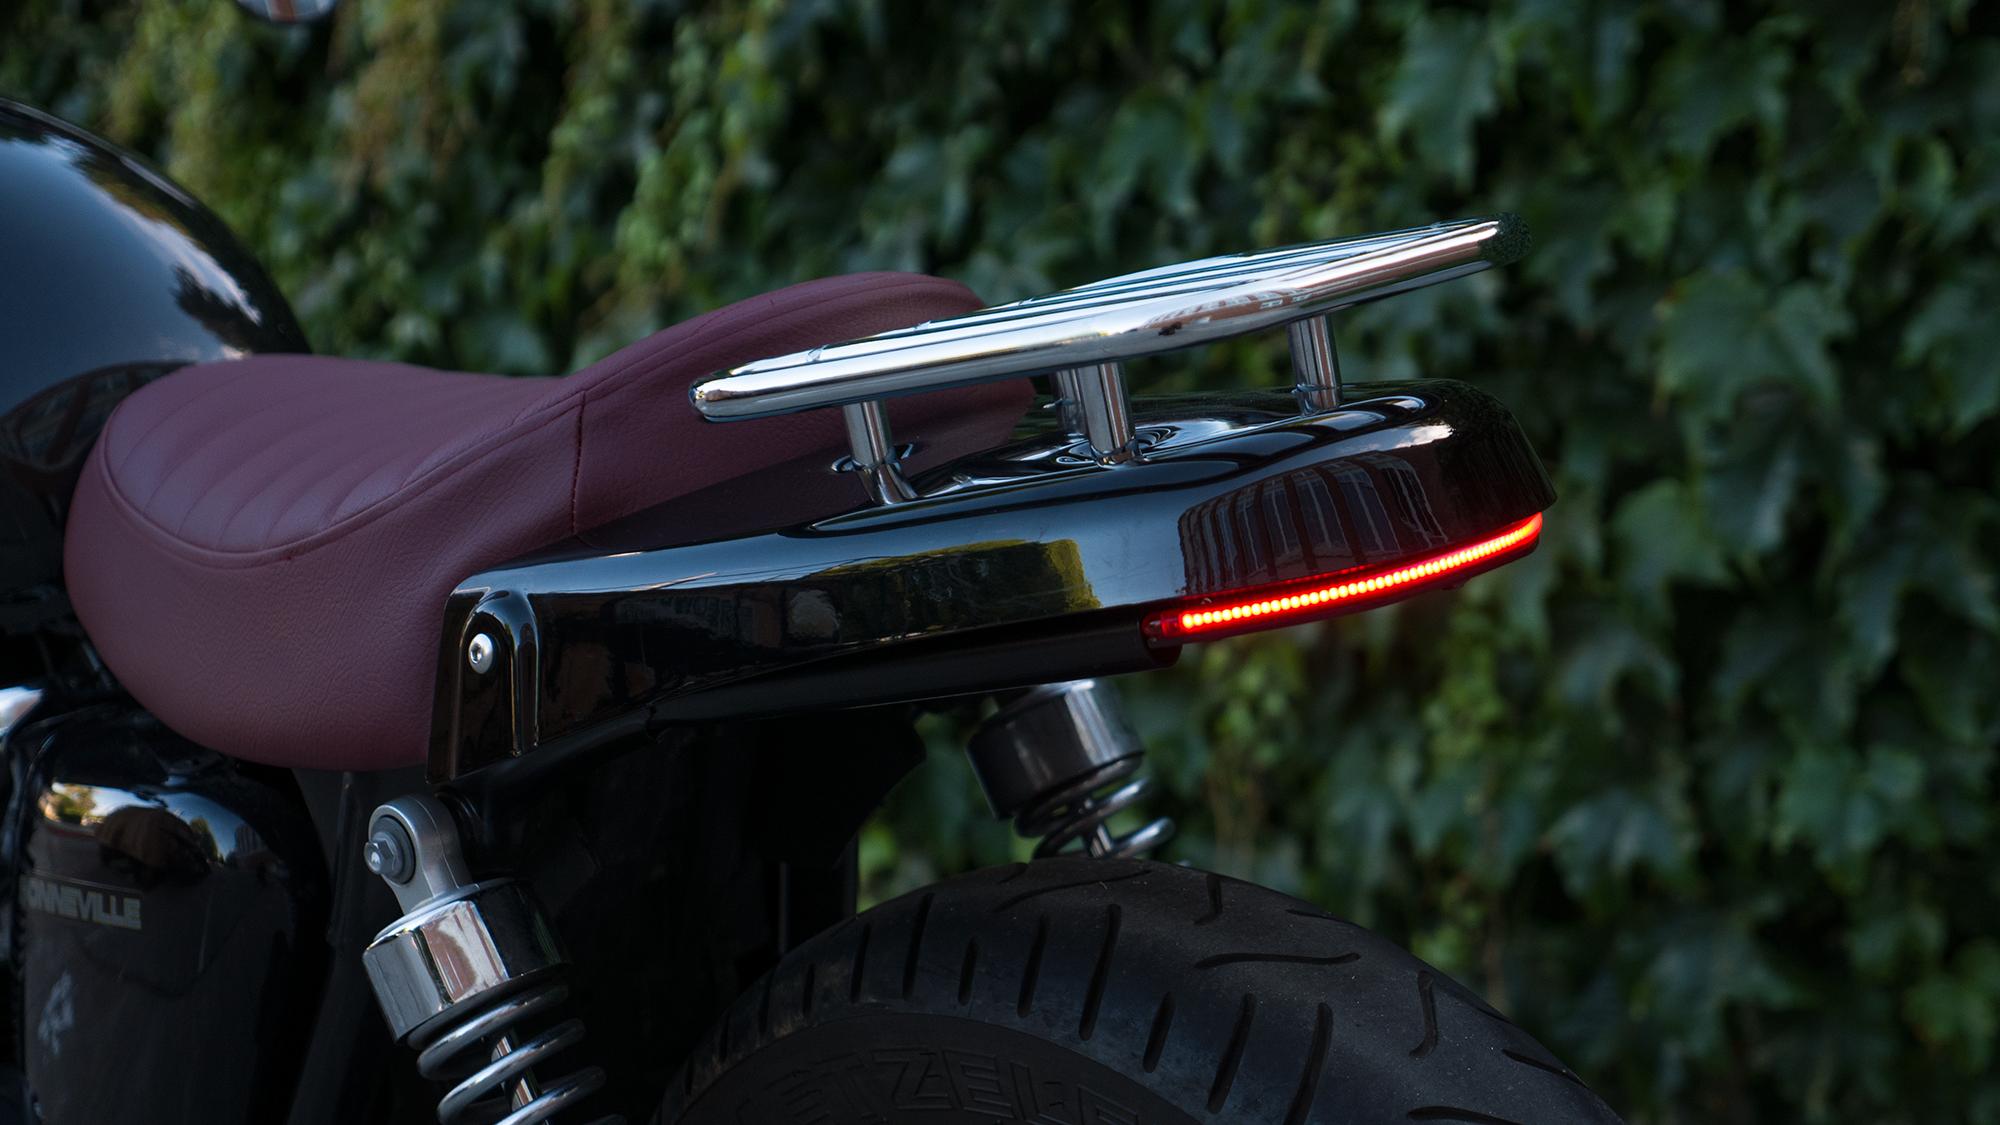 Hobo Life Hoang M Nguyen Bonneville Triumph Slimline Motobox taillight kit